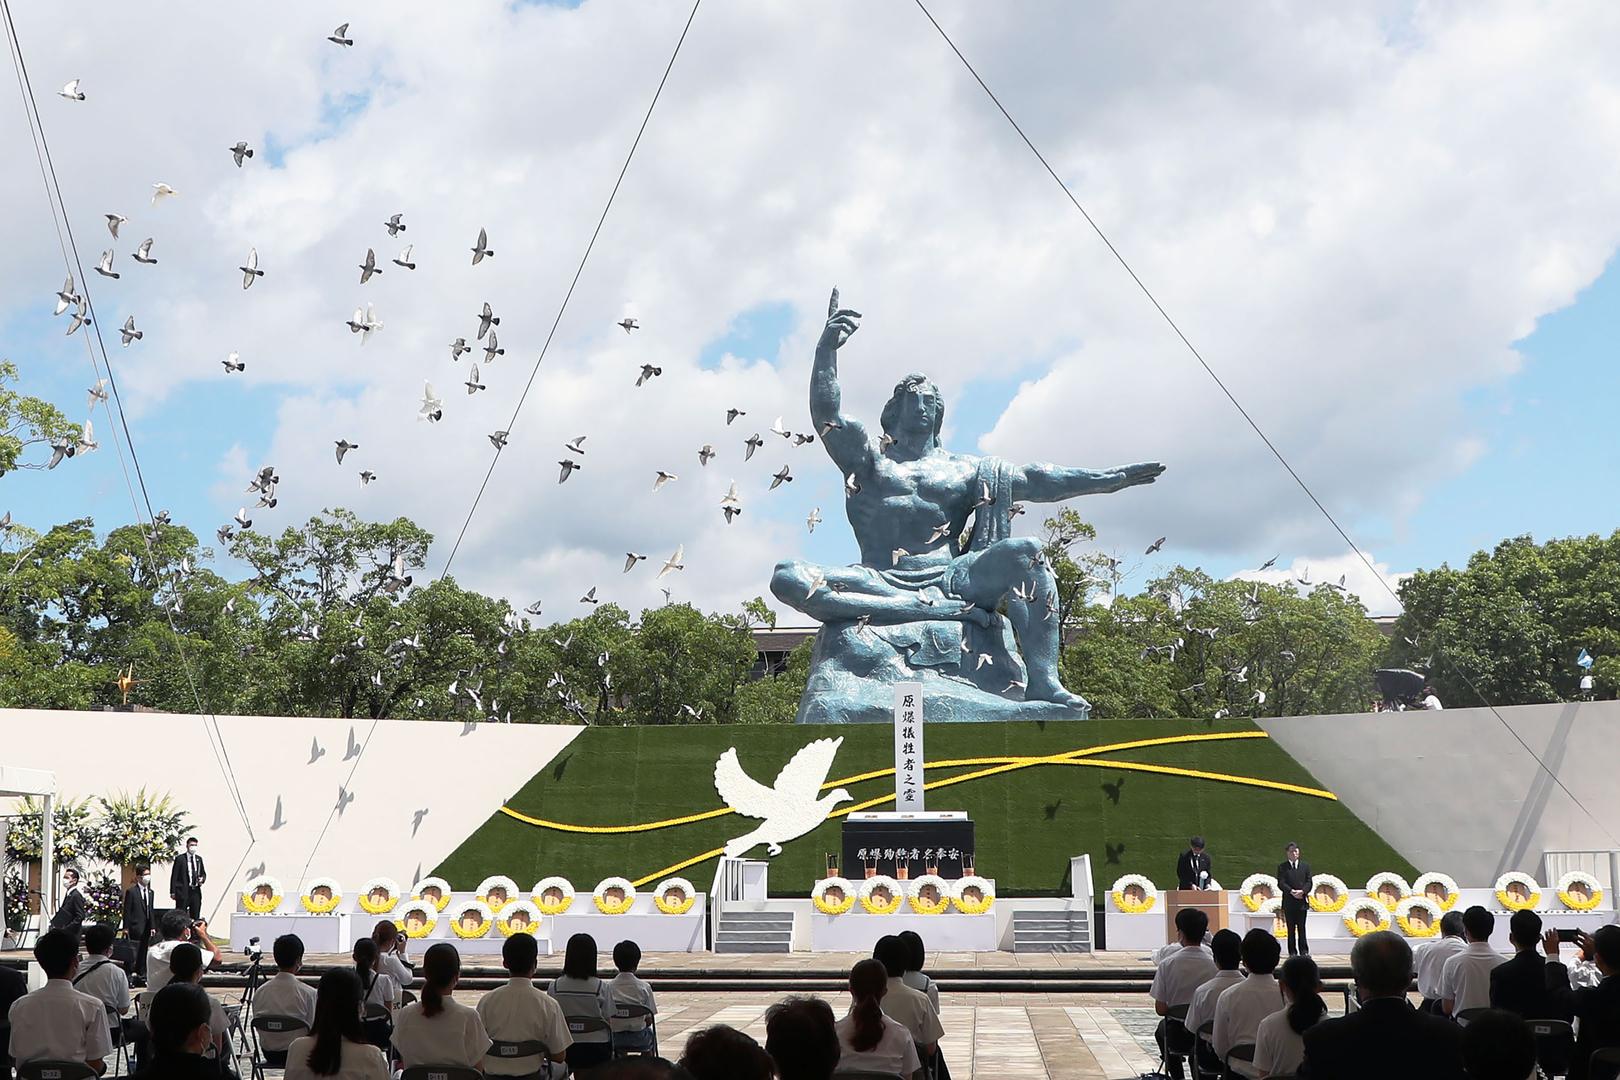 إحياء الذكرى الـ76  للقصف الذري الأمريكي لمدينة ناغازاكي